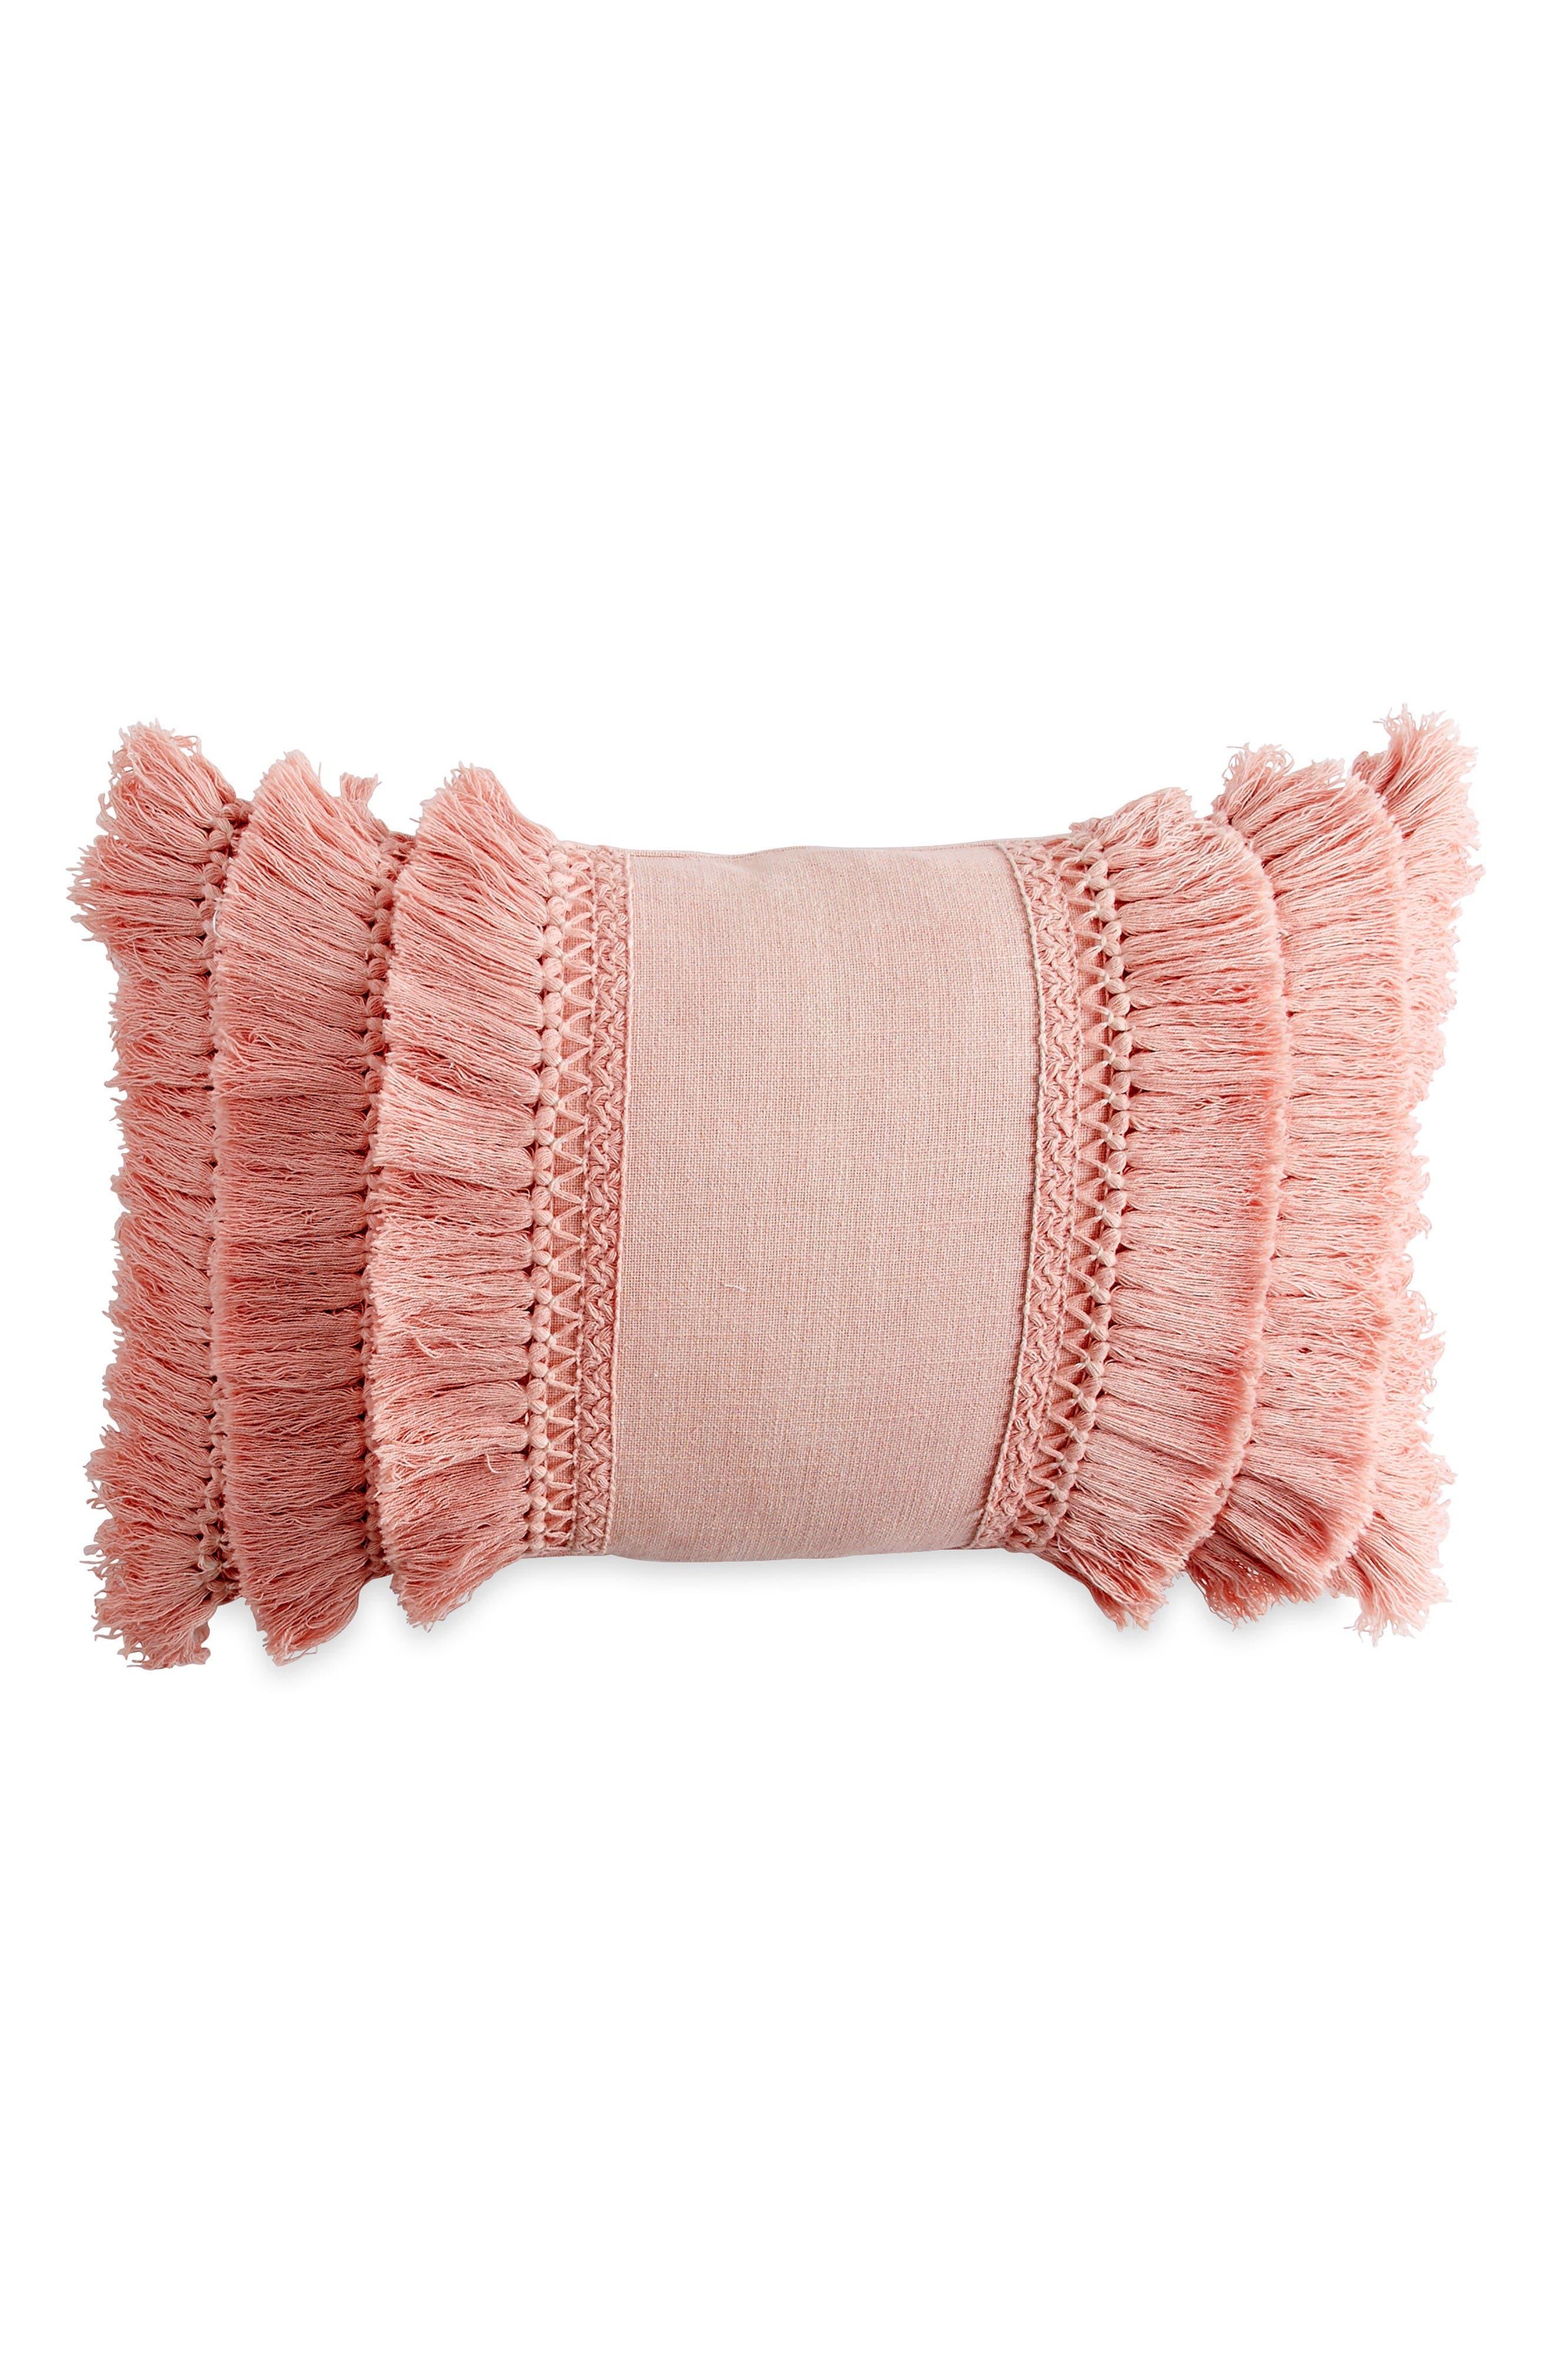 Peri Home Fringe Pillow